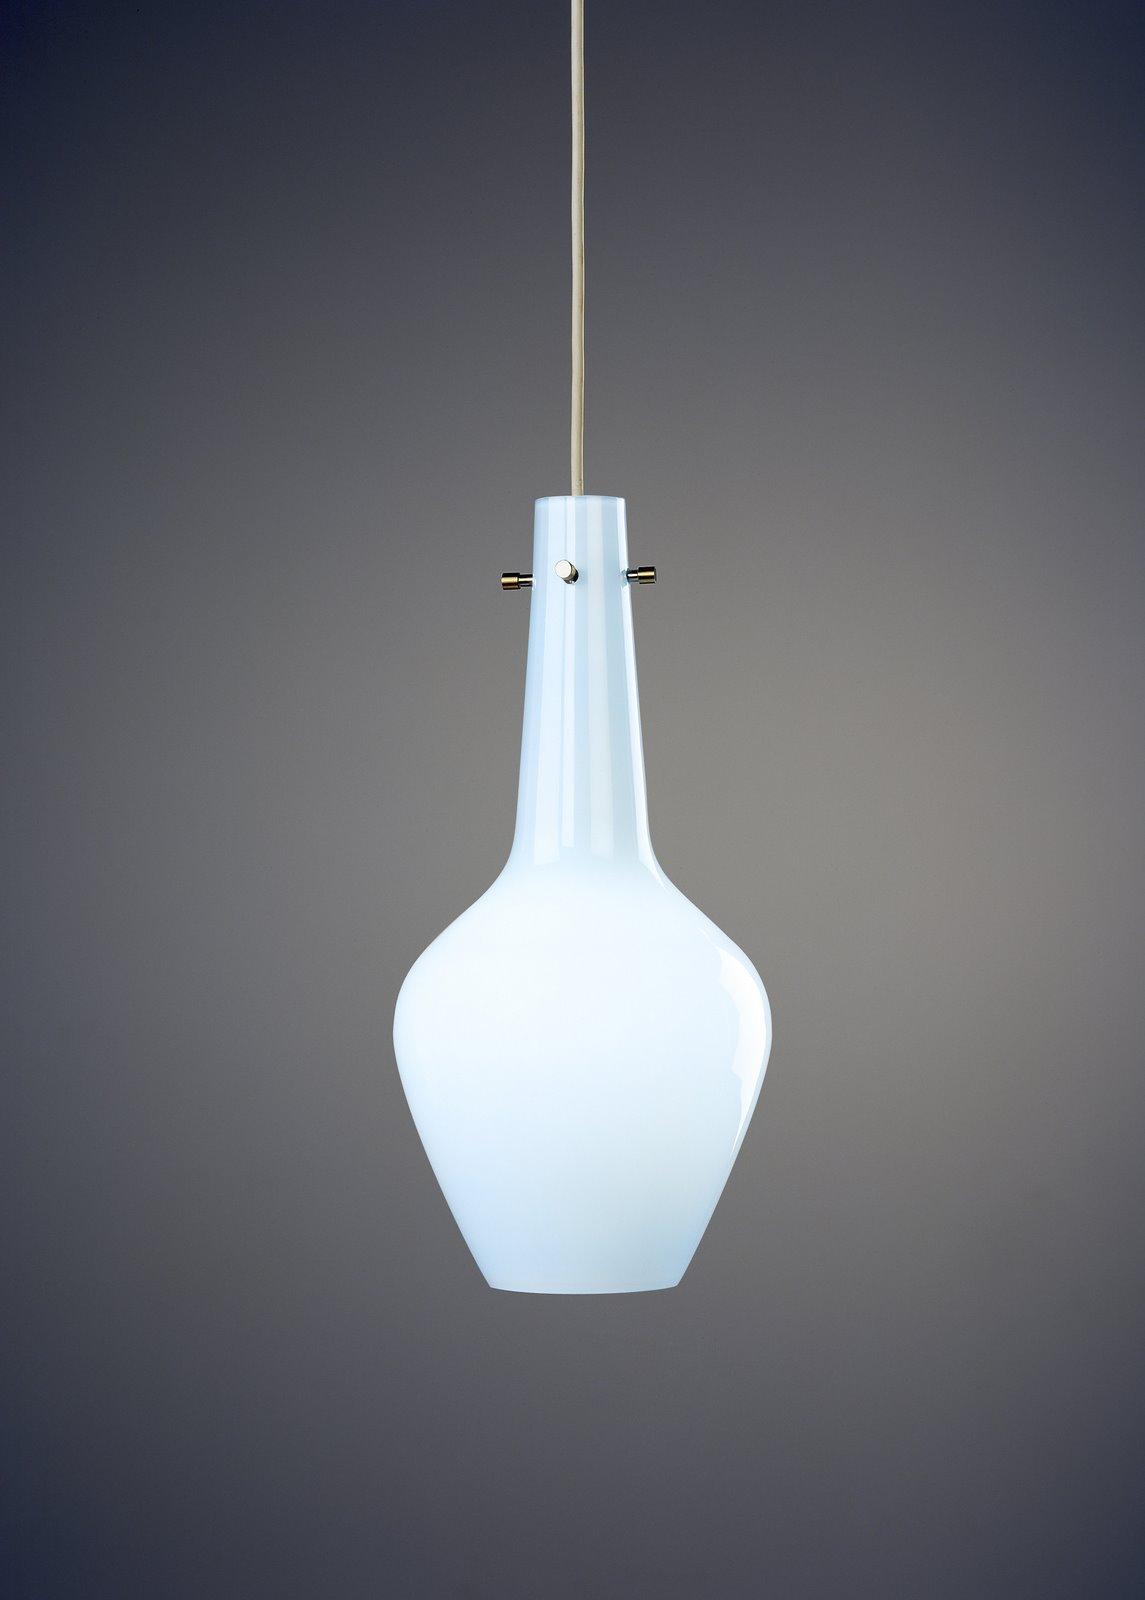 bottle pendant light 195 colored glass ceiling pendant lights